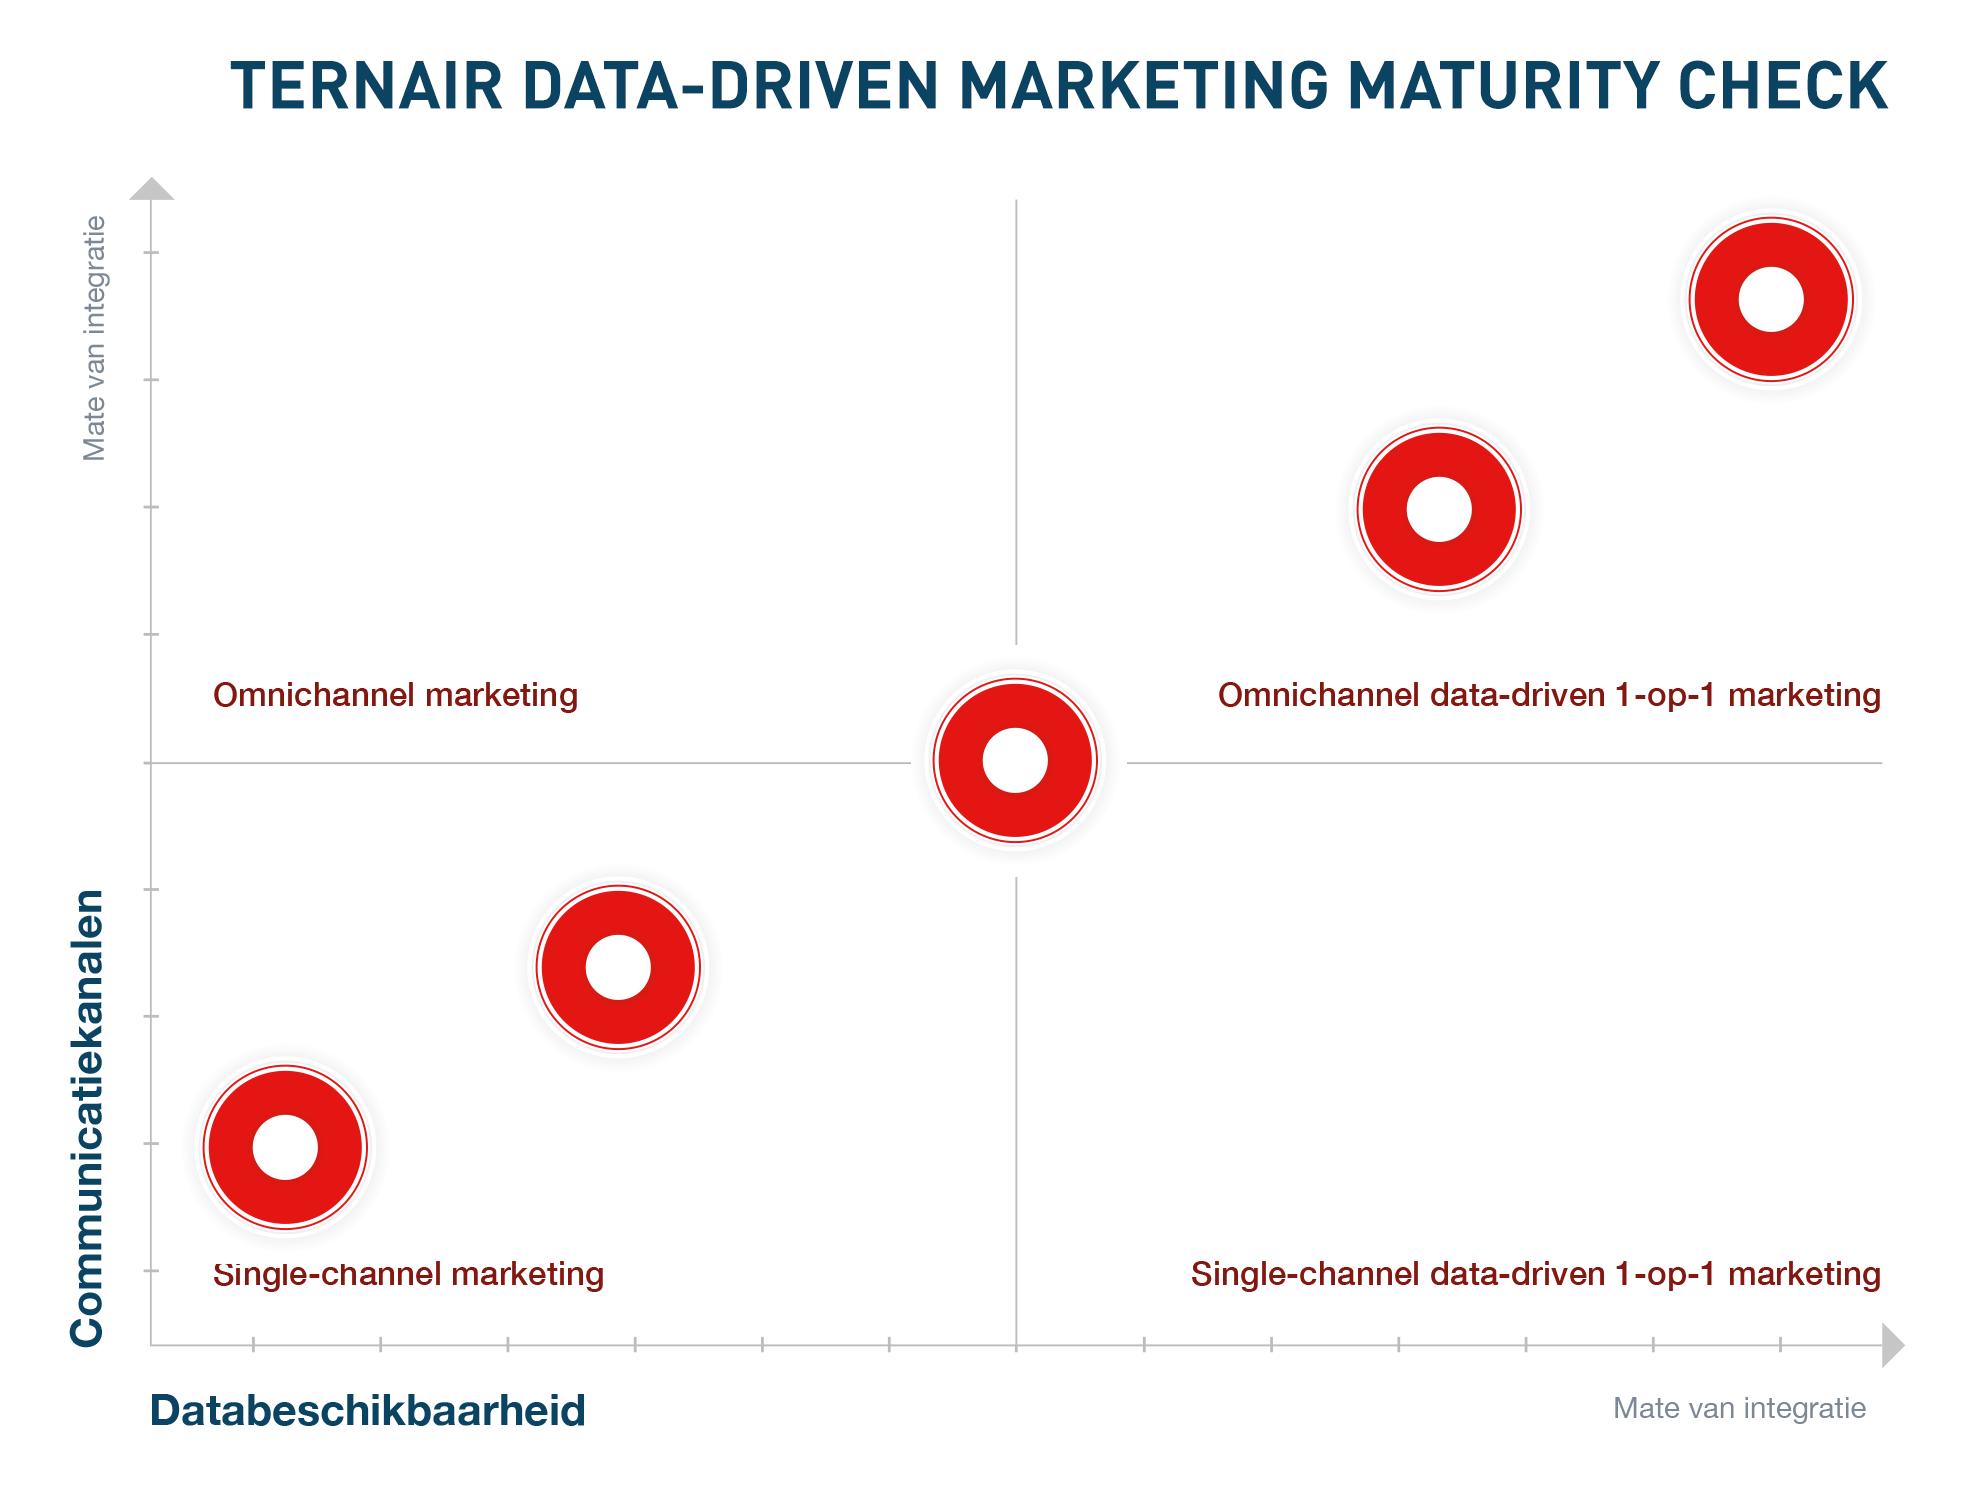 Ternair data driven-marketing maturity model